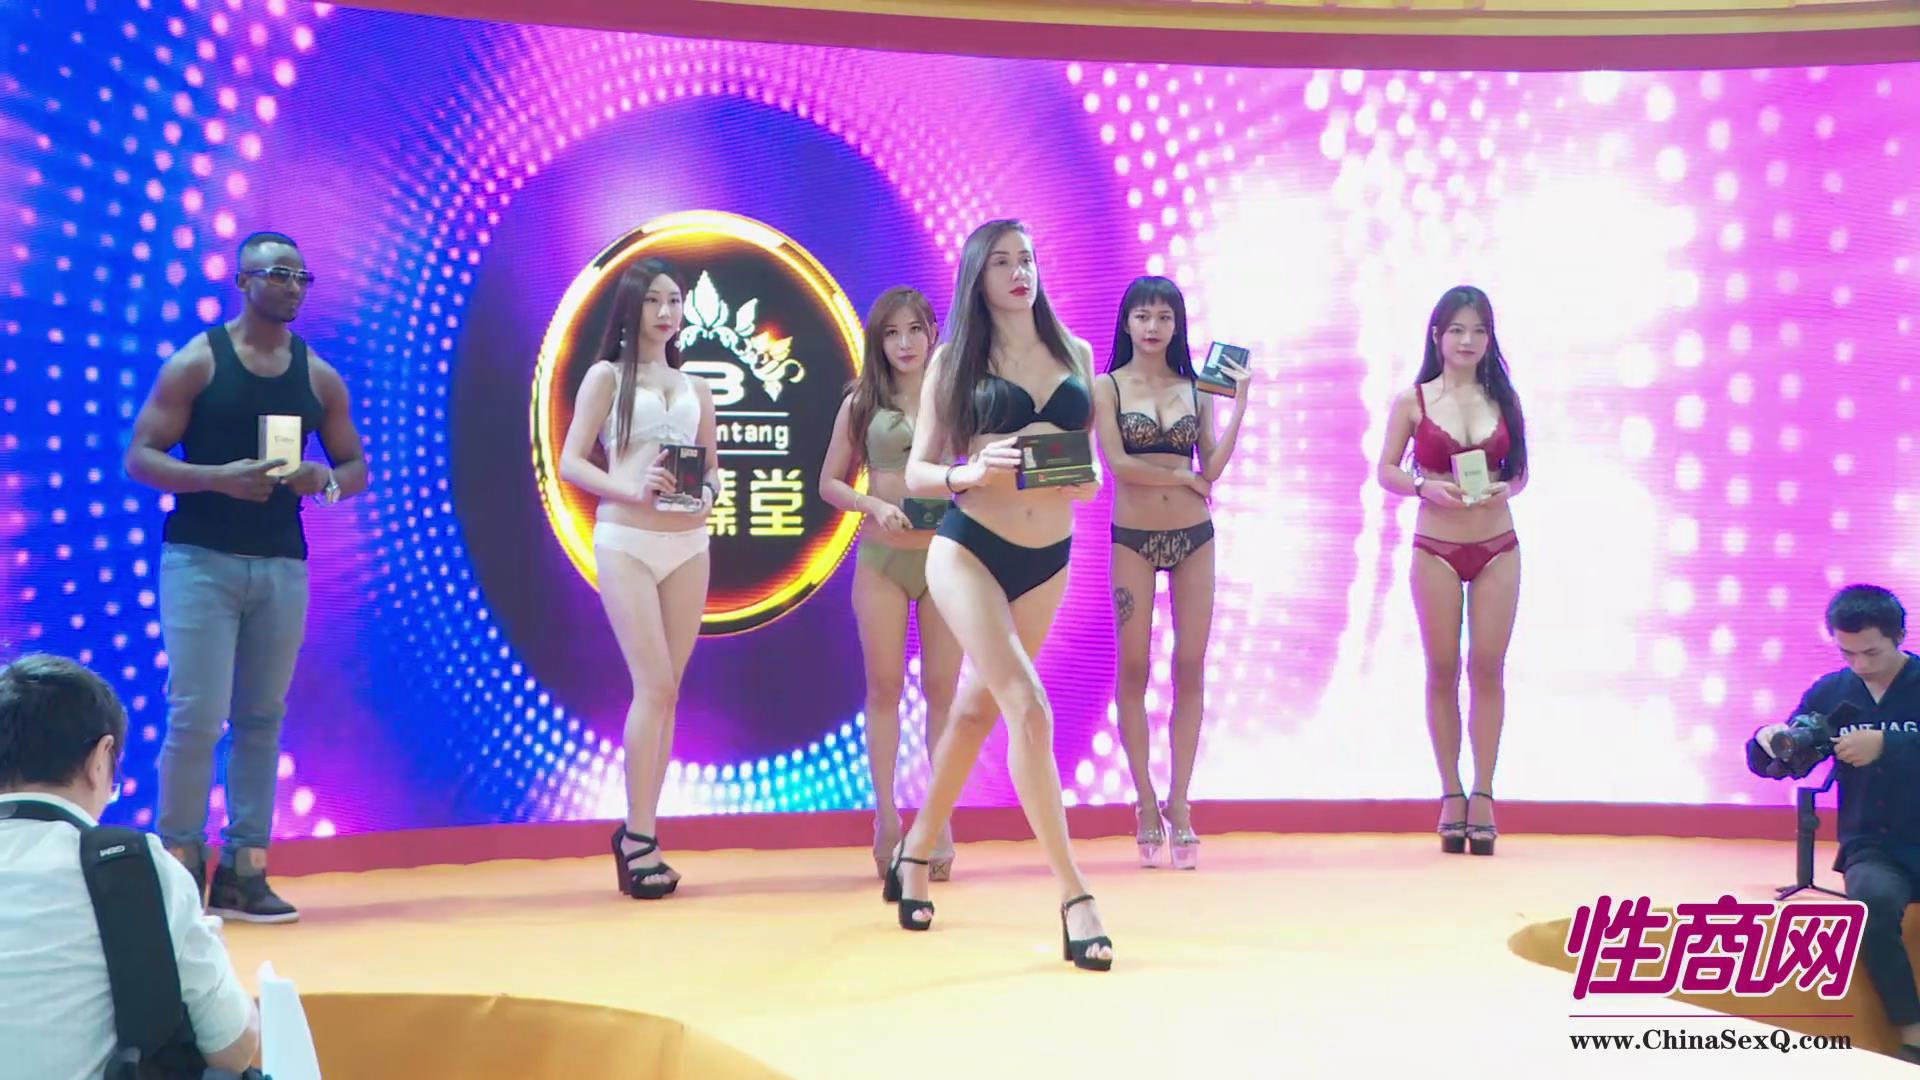 2019广州性文化节活动众多,精彩纷呈图片3